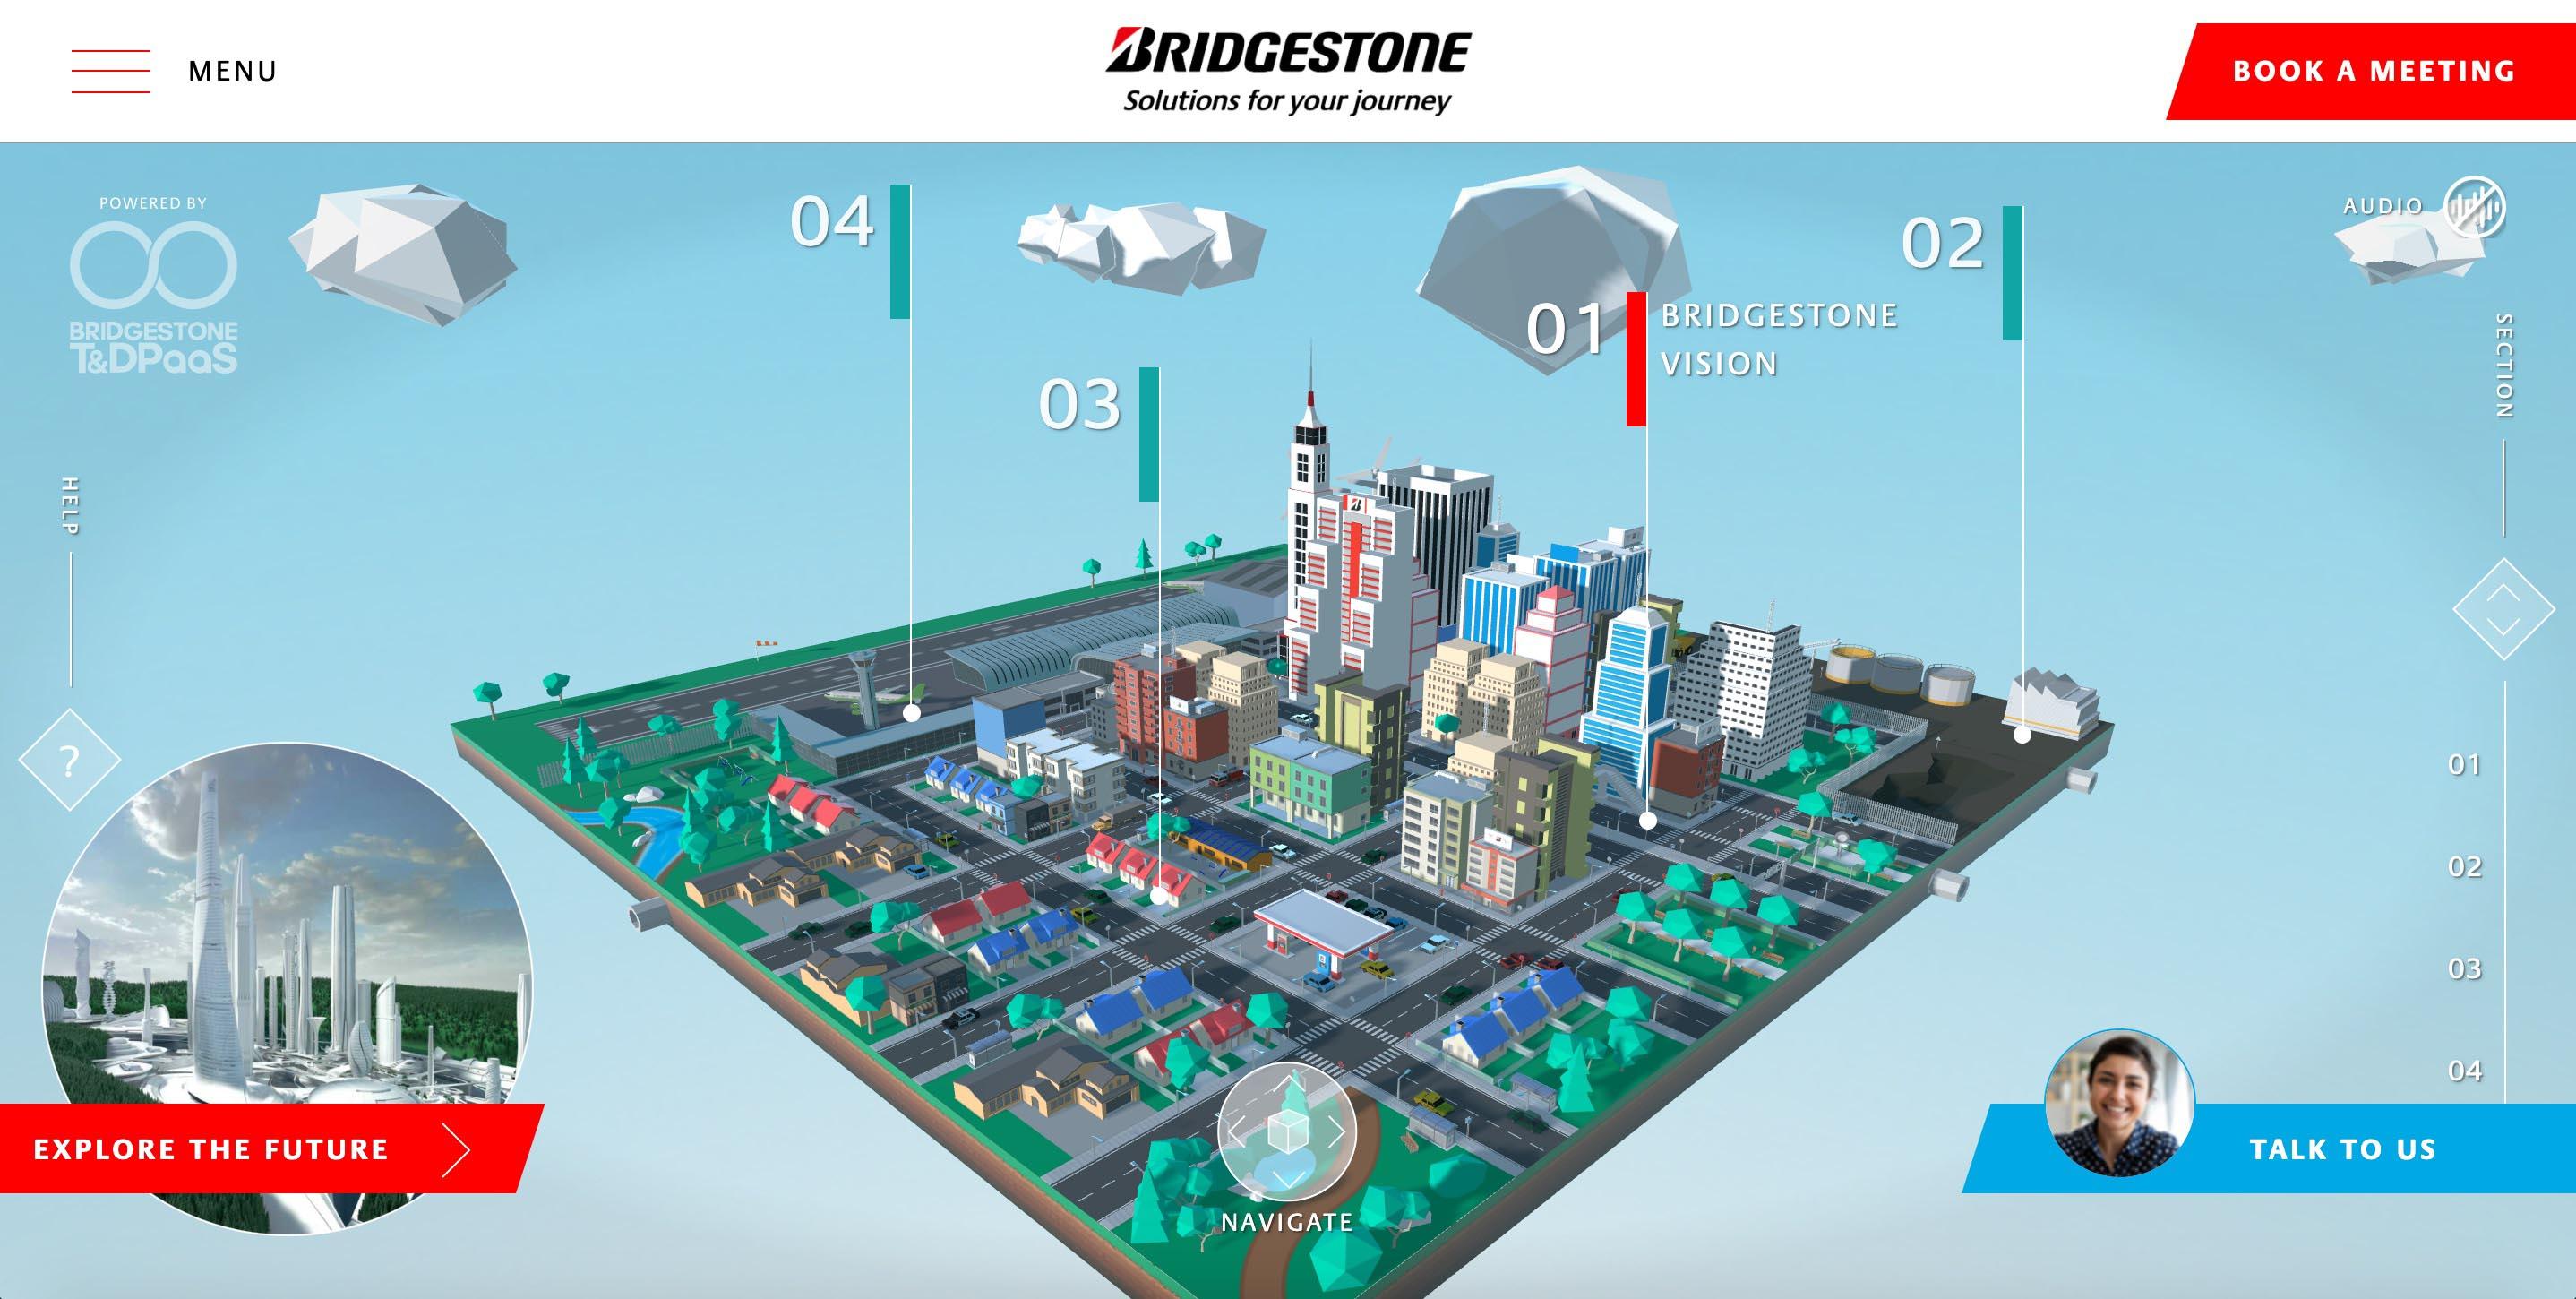 """""""بريجستون"""" تكشف عن مدينتها الافتراضية """"عالم بريجستون"""" وتعرض حلول التنقل المتطورة خلال مشاركتها في معرض الإلكترونيات الاستهلاكية CES 2021"""